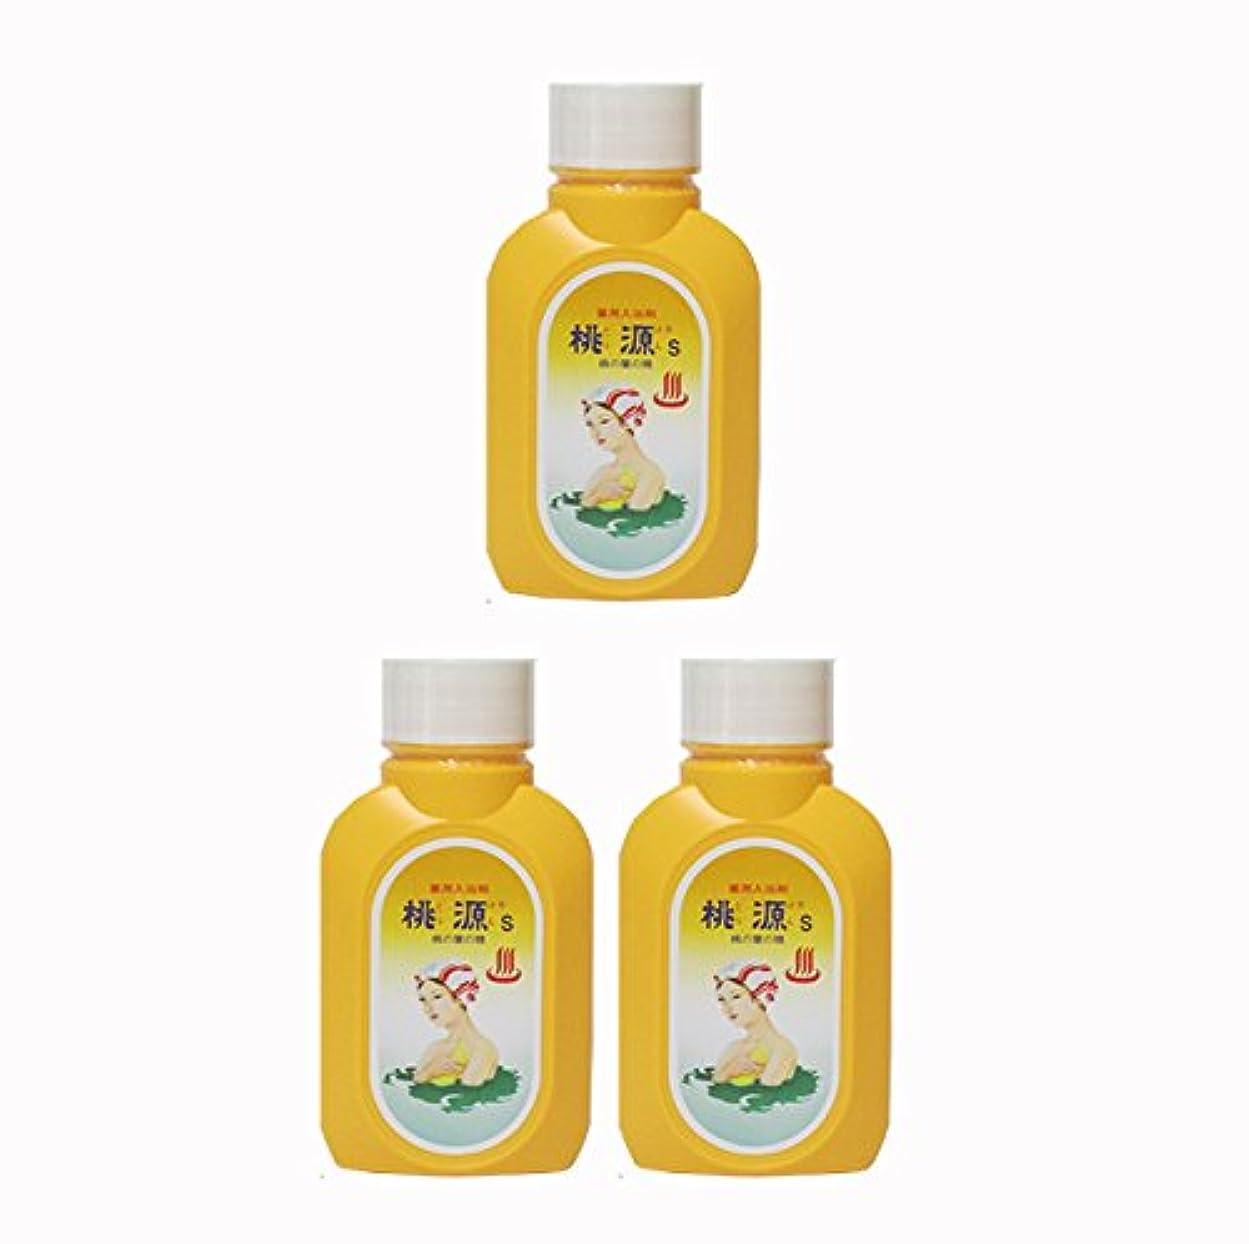 試験ルビー増幅桃源S 桃の葉の精 700g (オレンジ) 3個 (とうげんs)